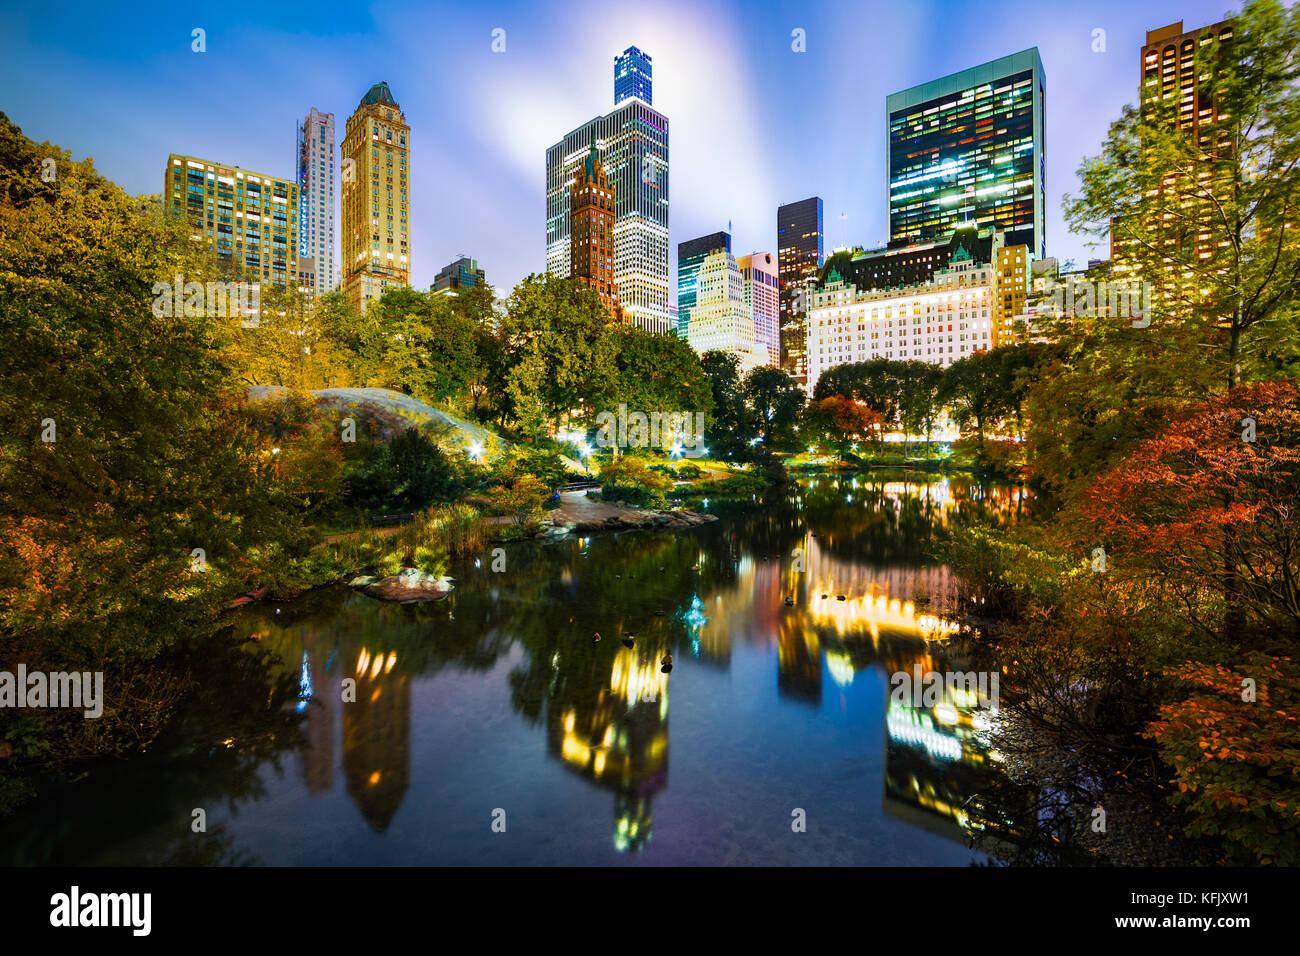 El estanque por la noche, visto desde el gapstow bridge en Central park, New York City Imagen De Stock